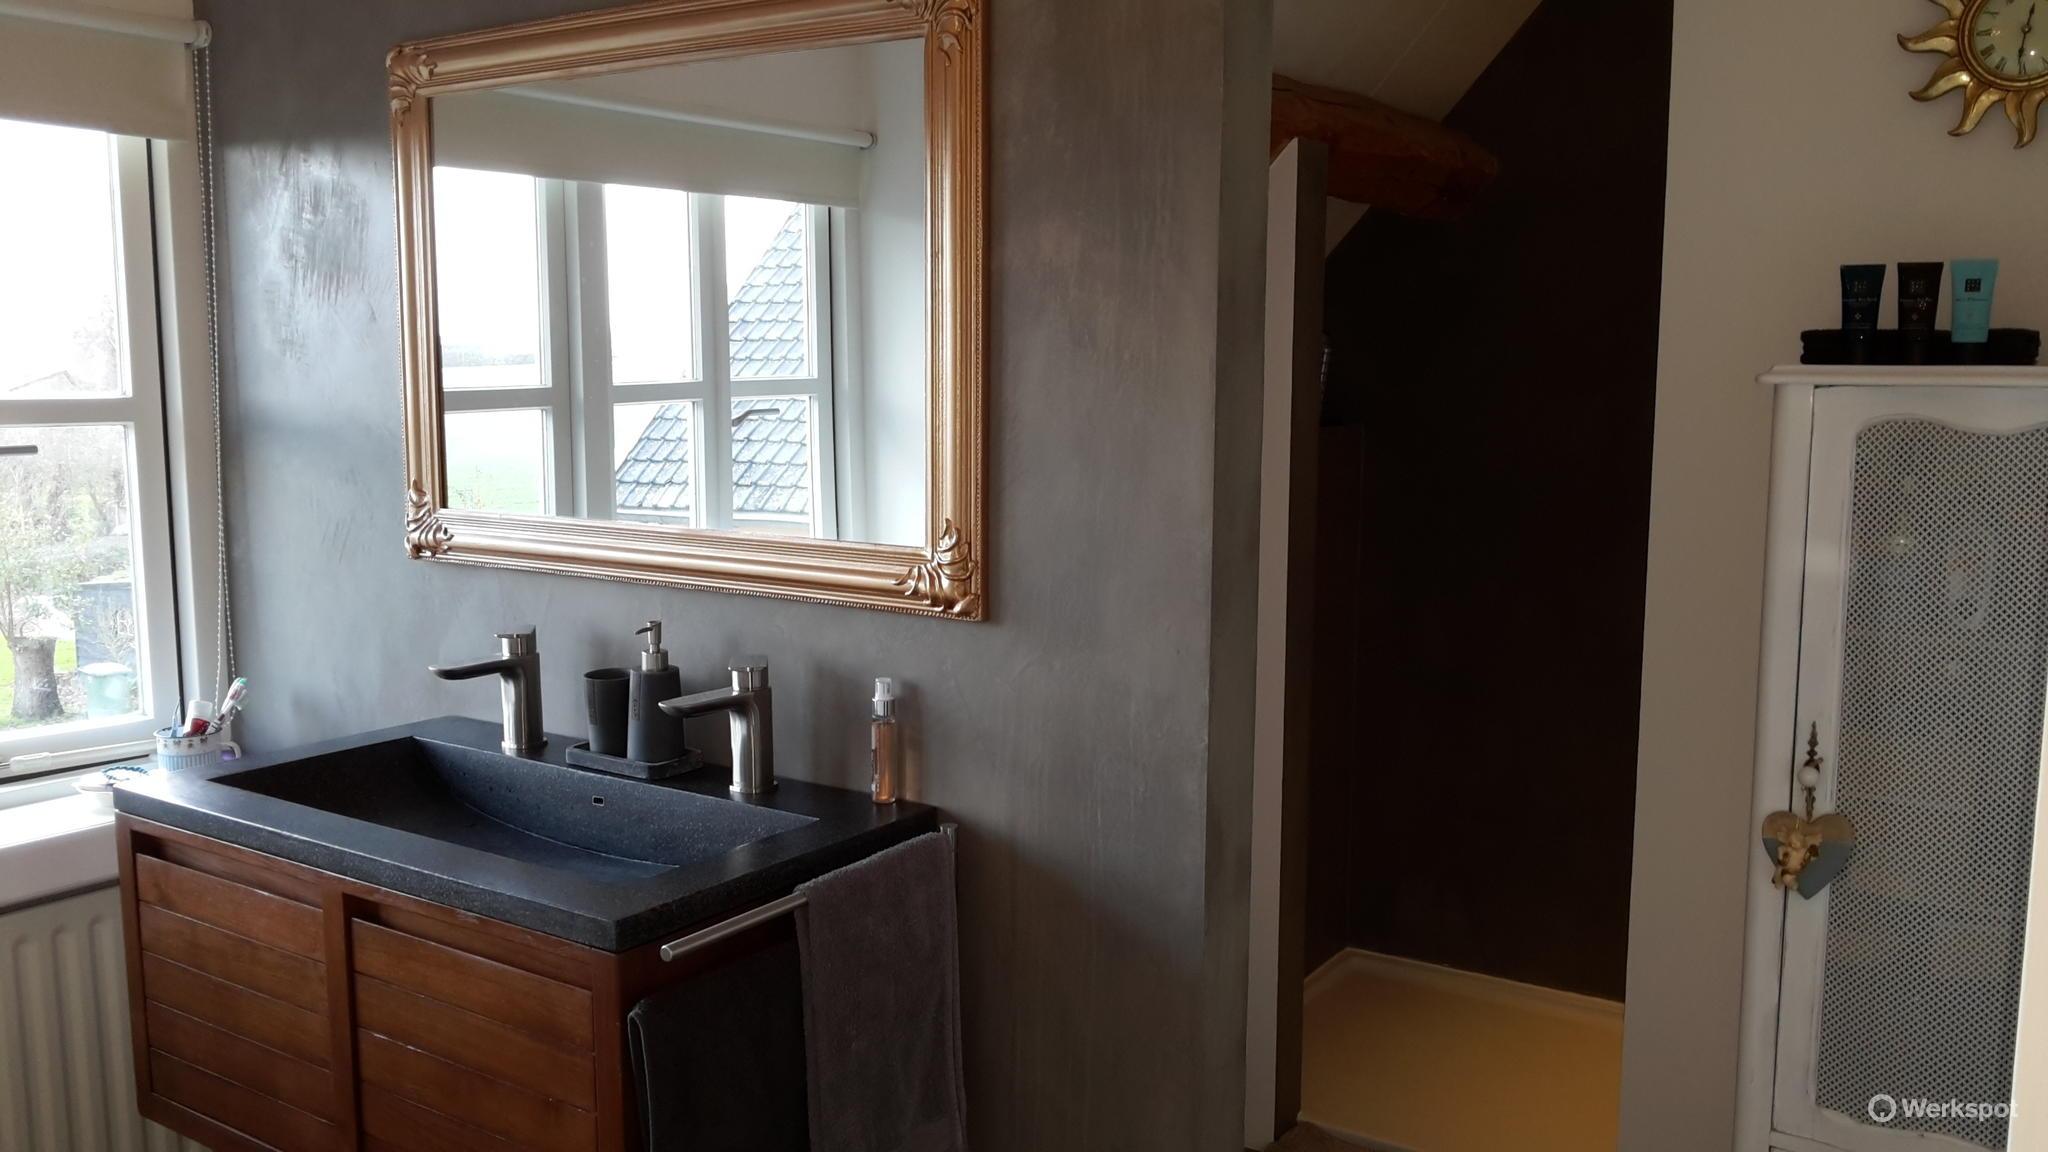 Badkamer stucen met beton cire / deco stuc - Werkspot